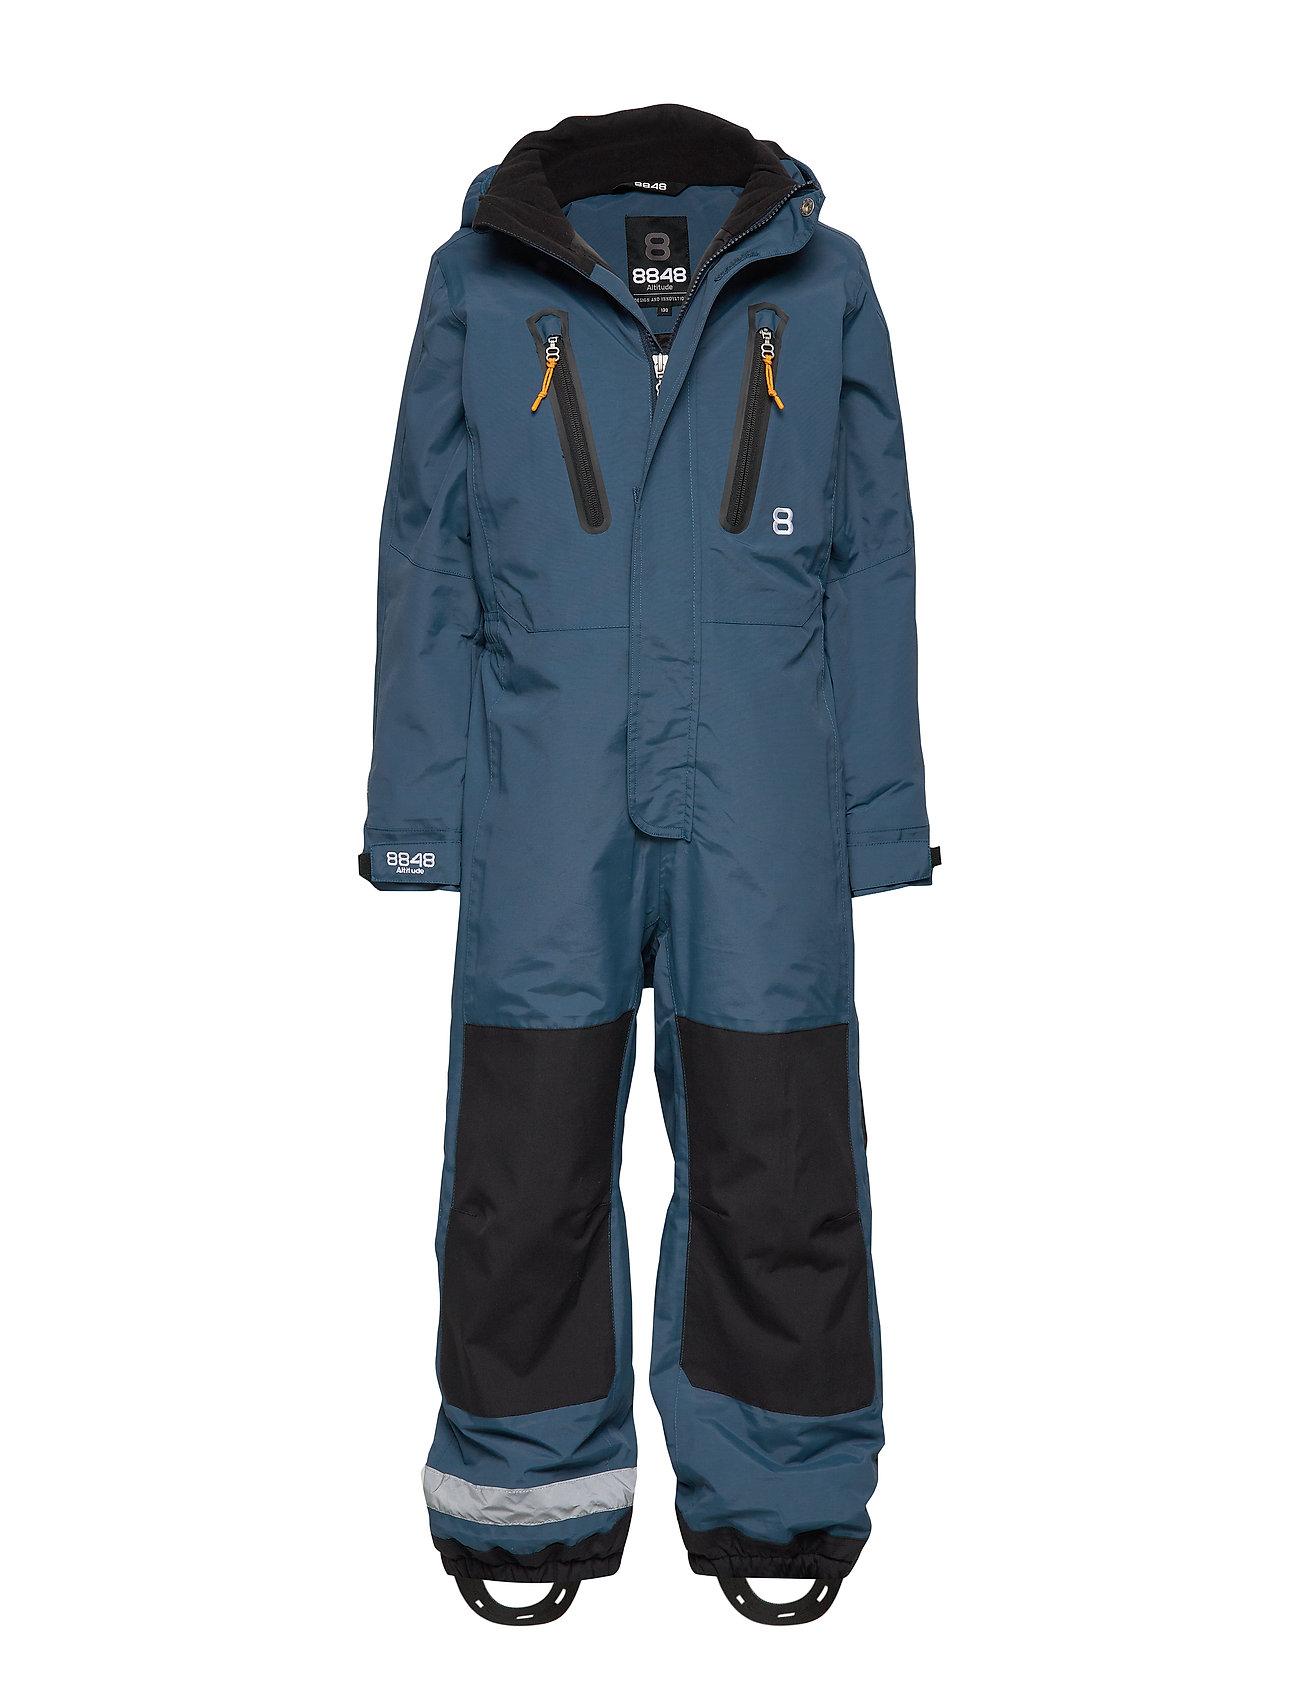 8848 Altitude Karel Minior suit - DEEP DIVE